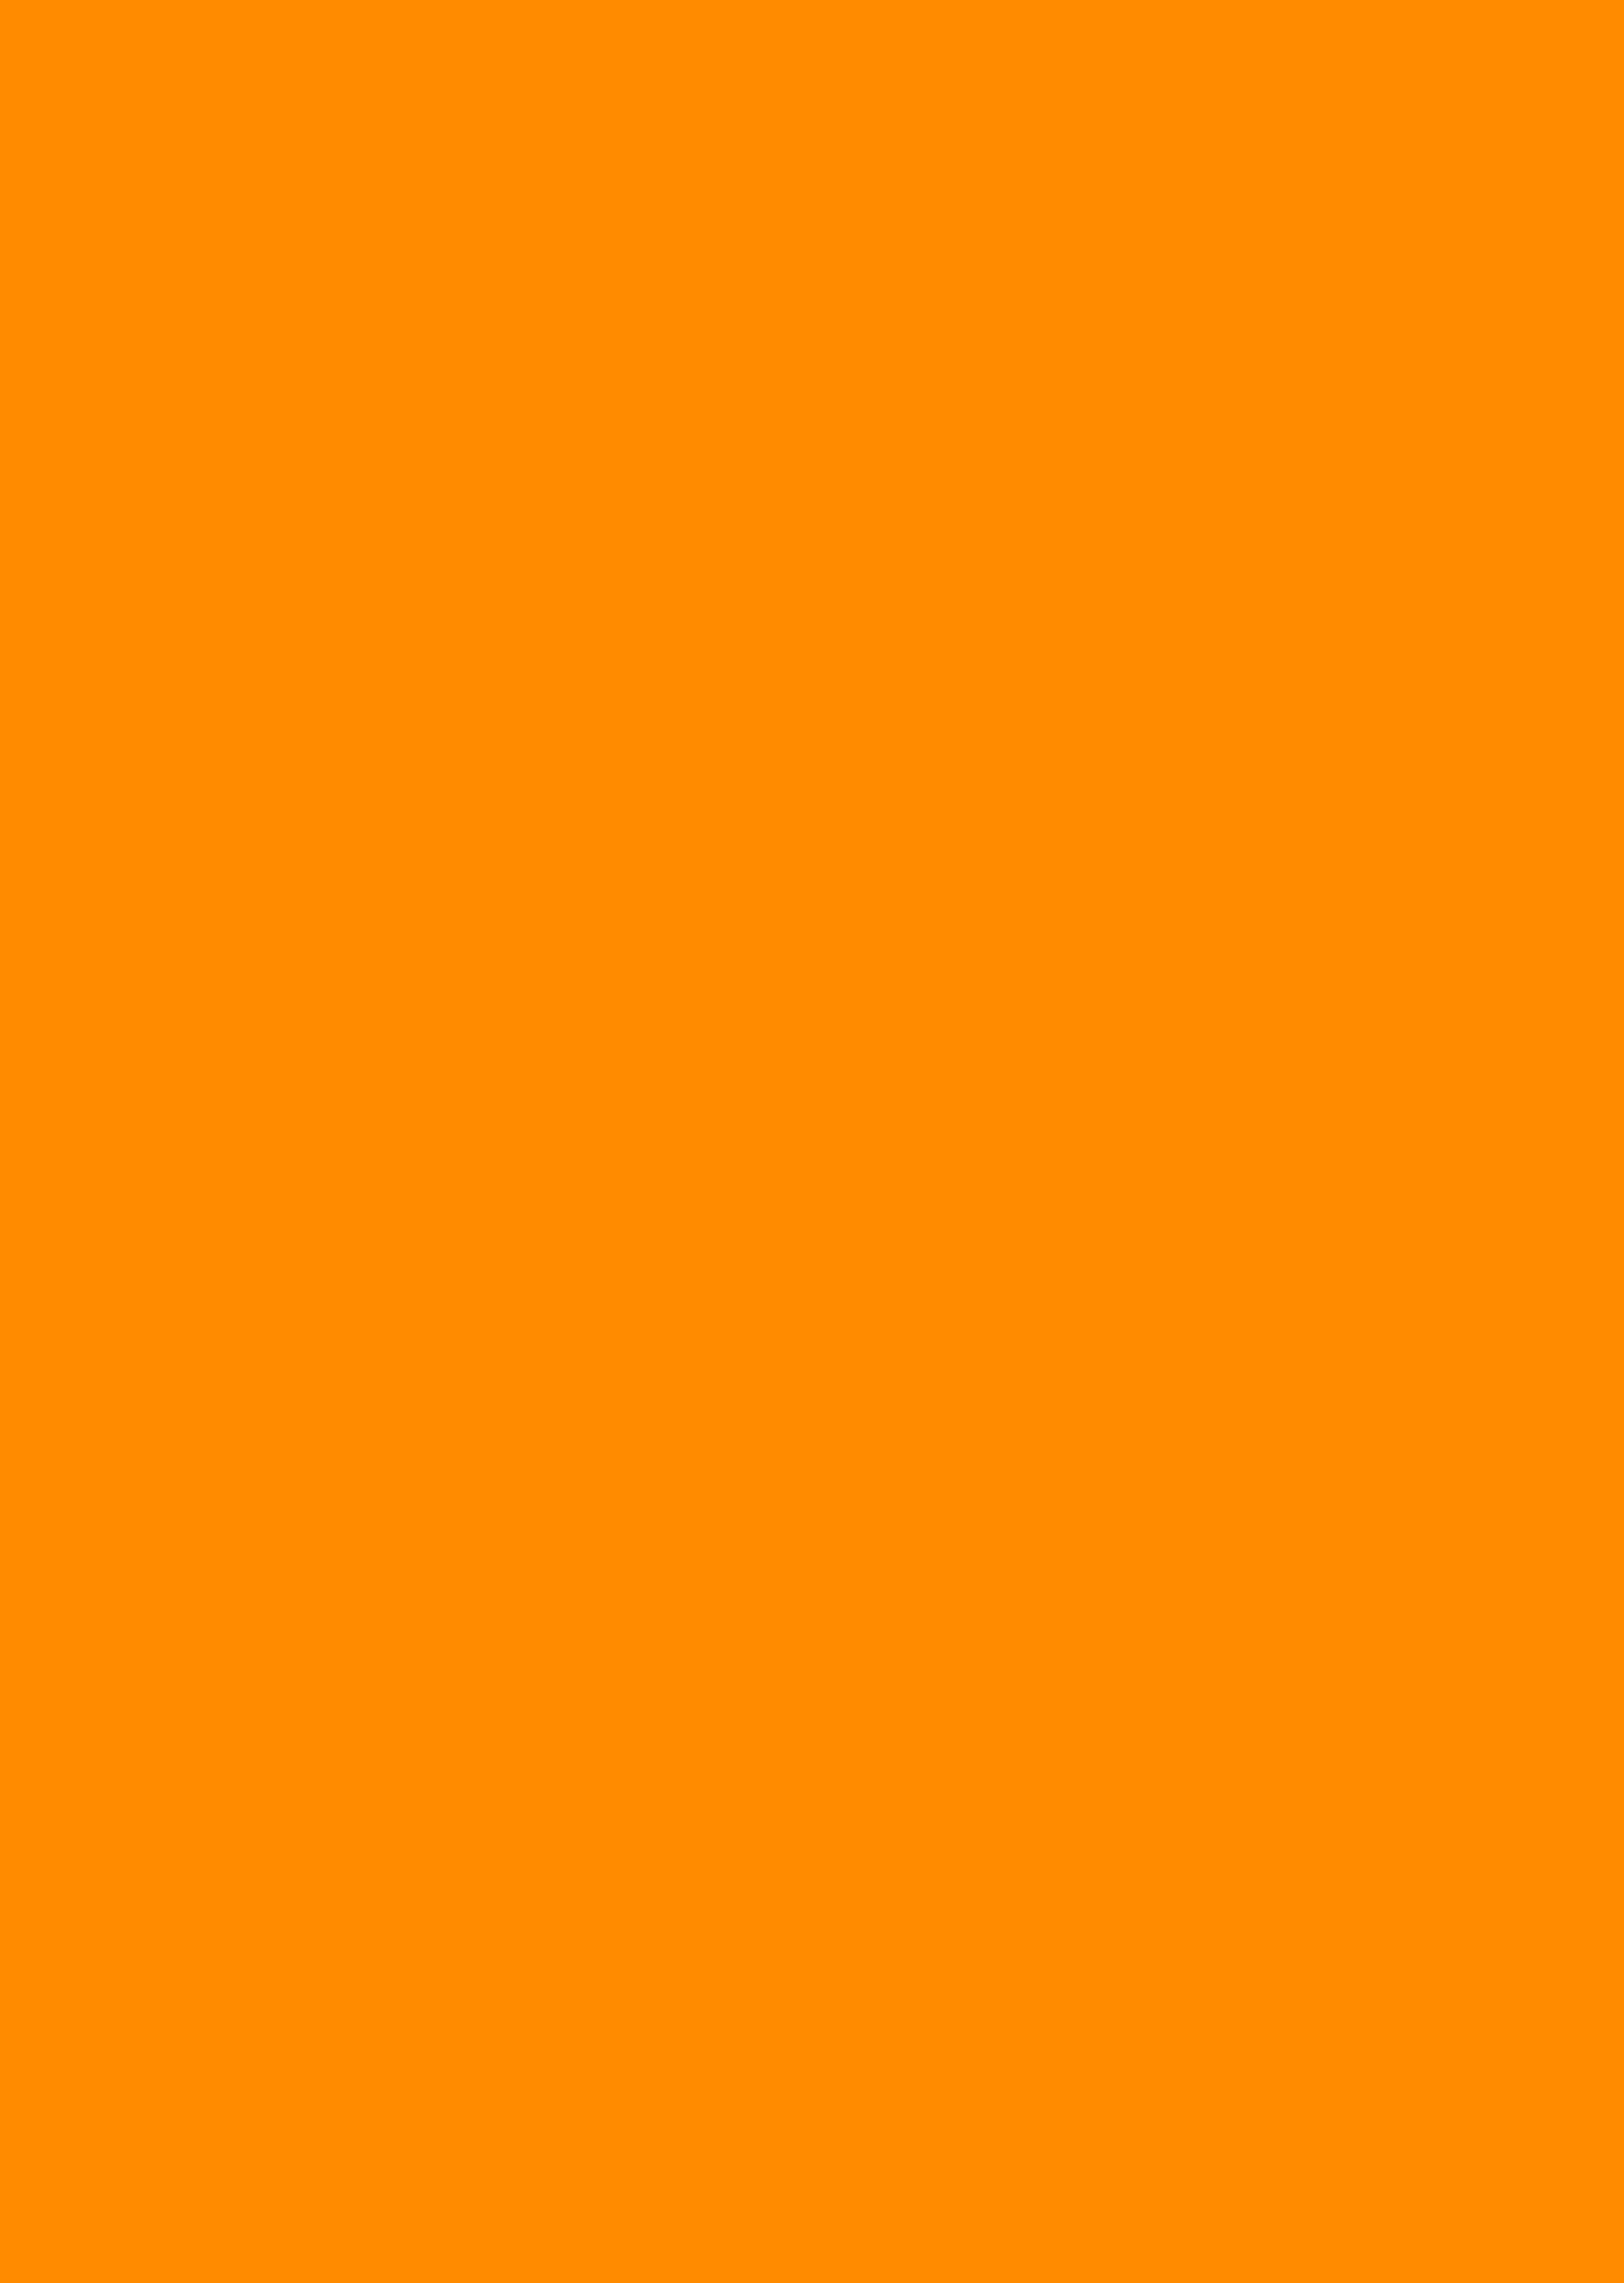 Full Preview of Traffic Light Amber